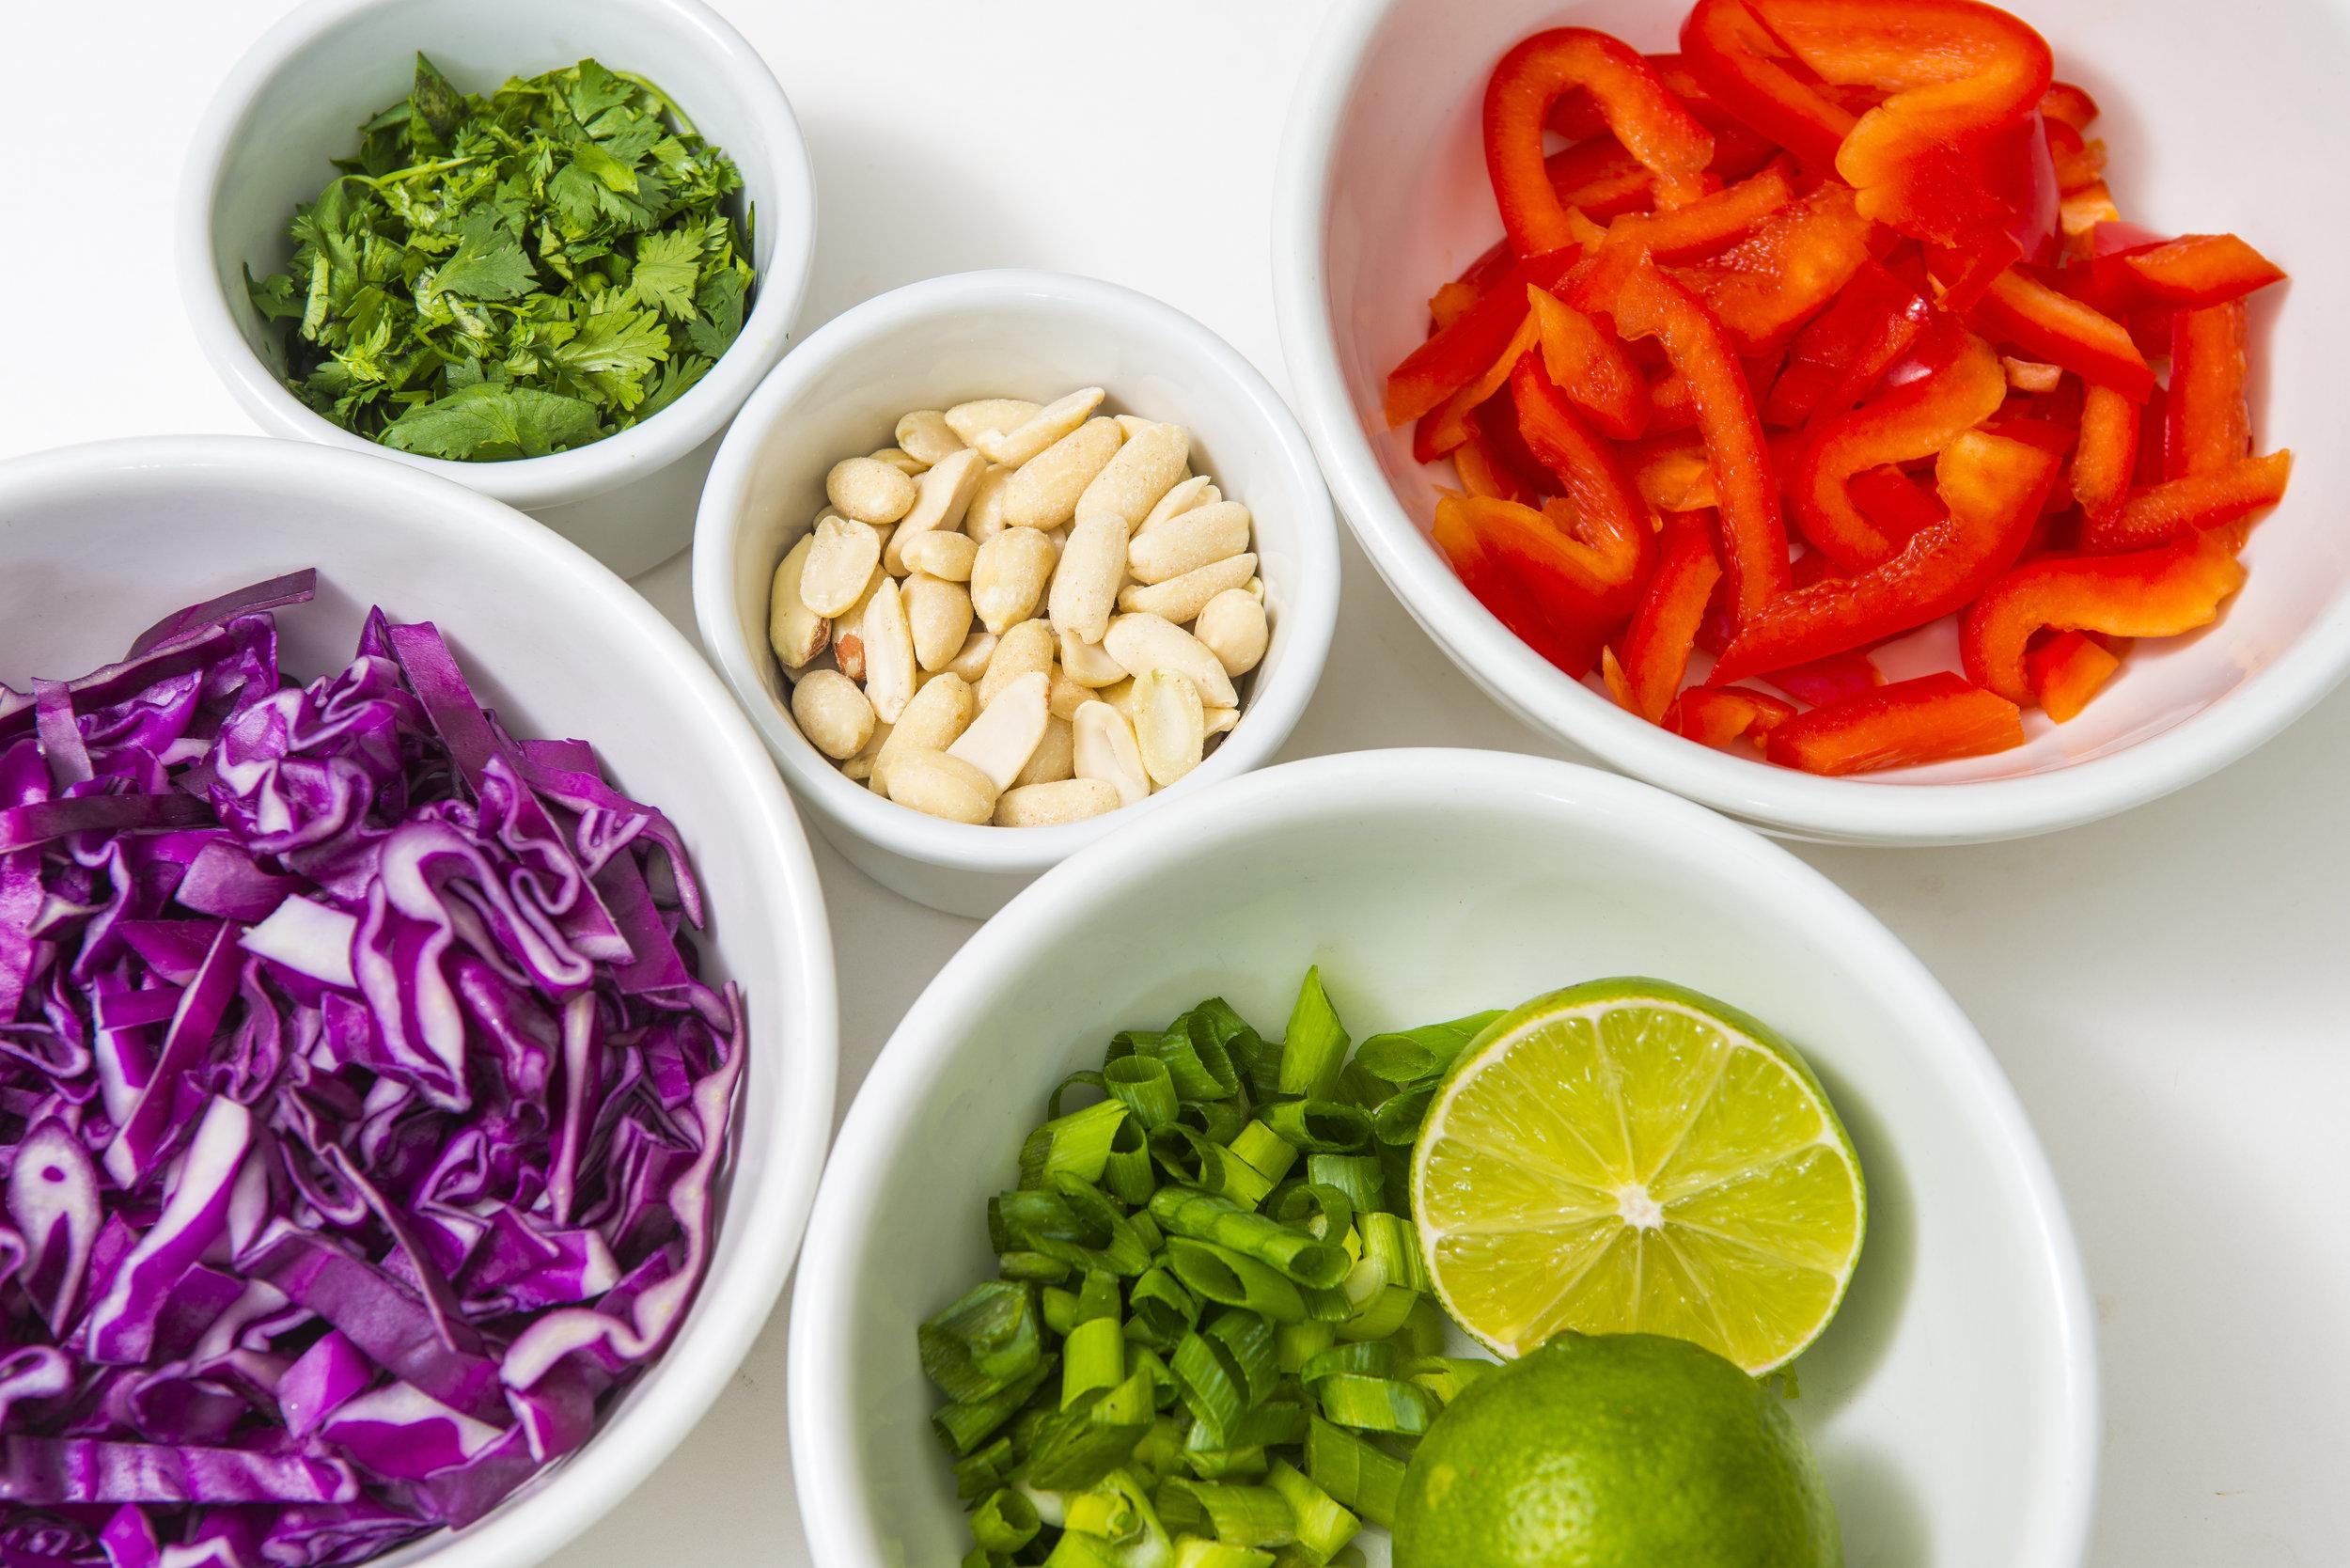 mise en place cooking preparation